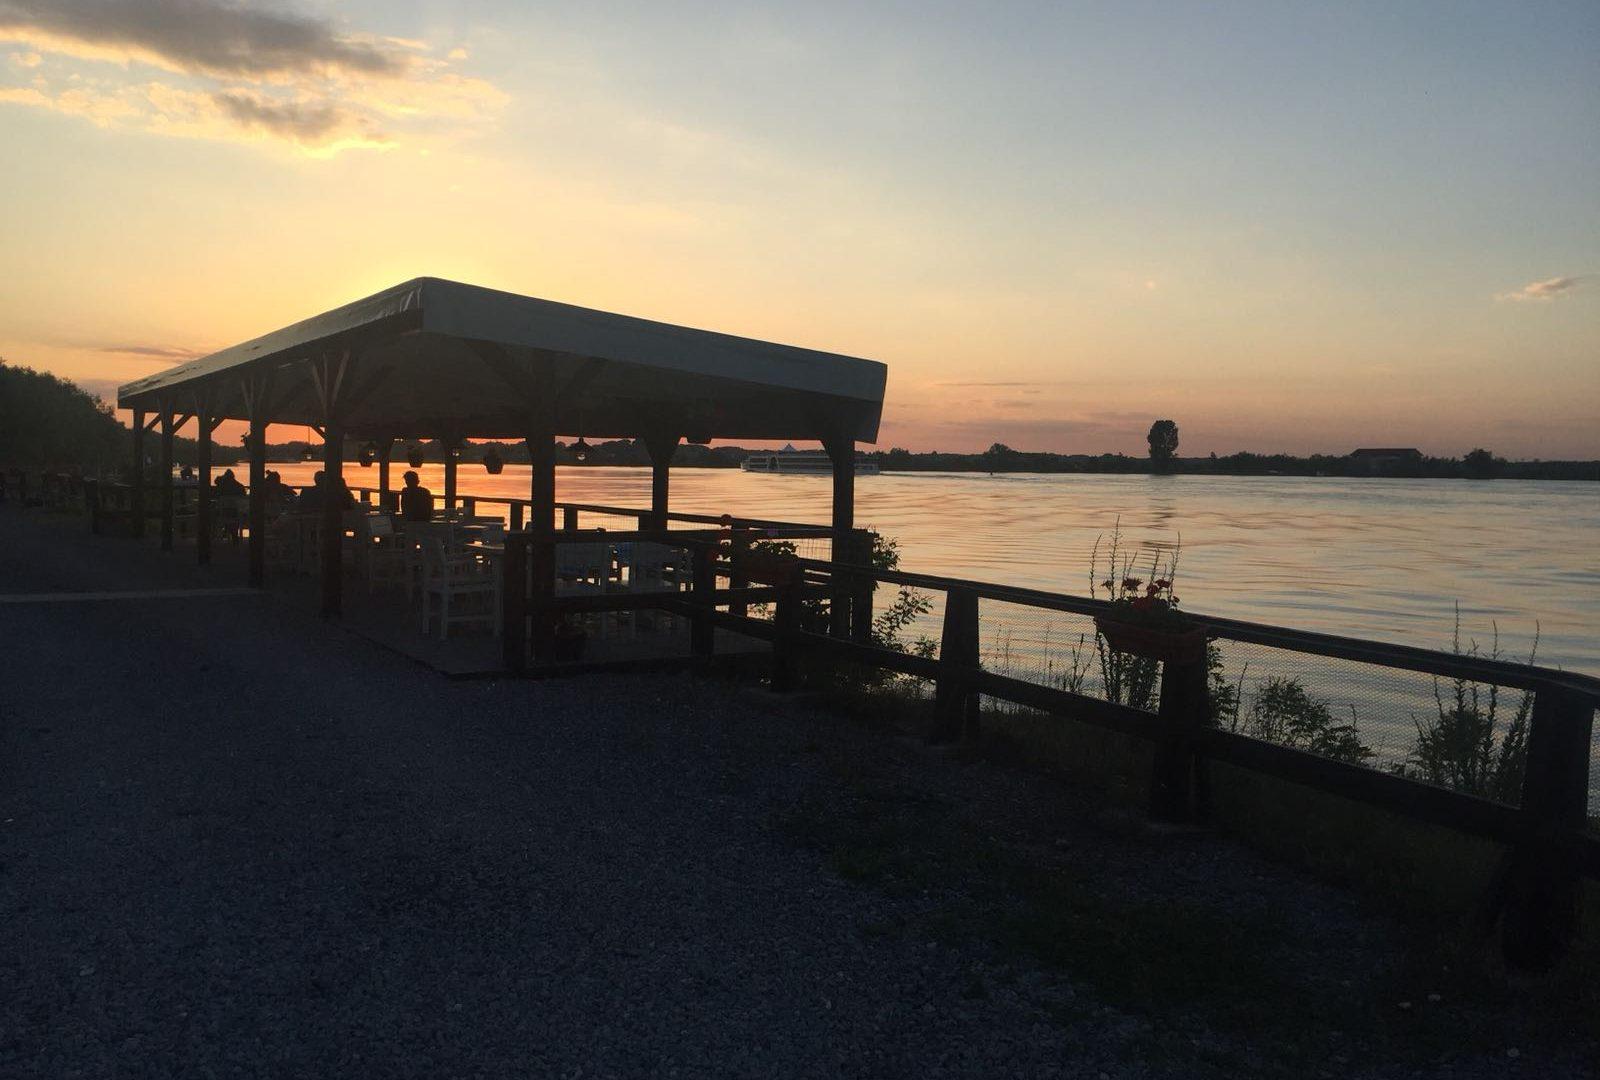 Delta Dunării, pentru vizitatorii ei